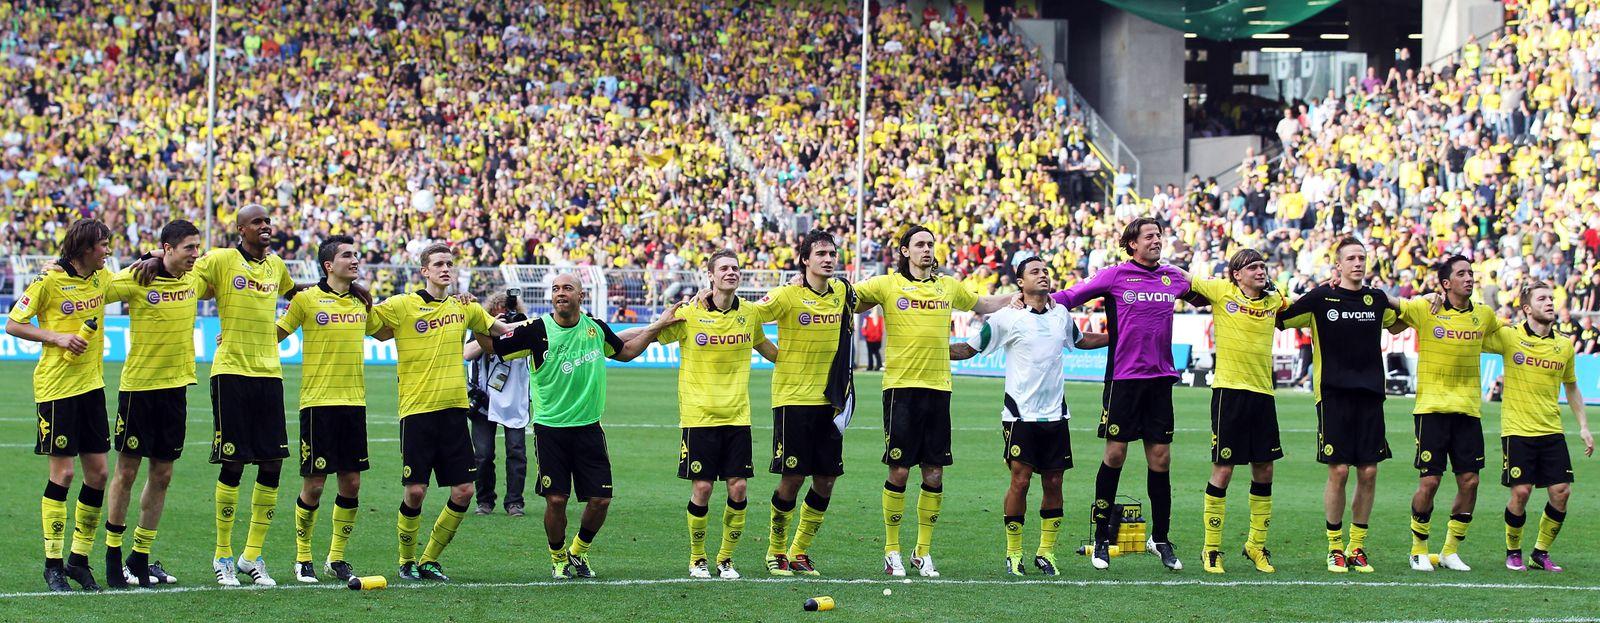 Bundesliga / Borussia Dortmund gewinnt gegen Hannover 96